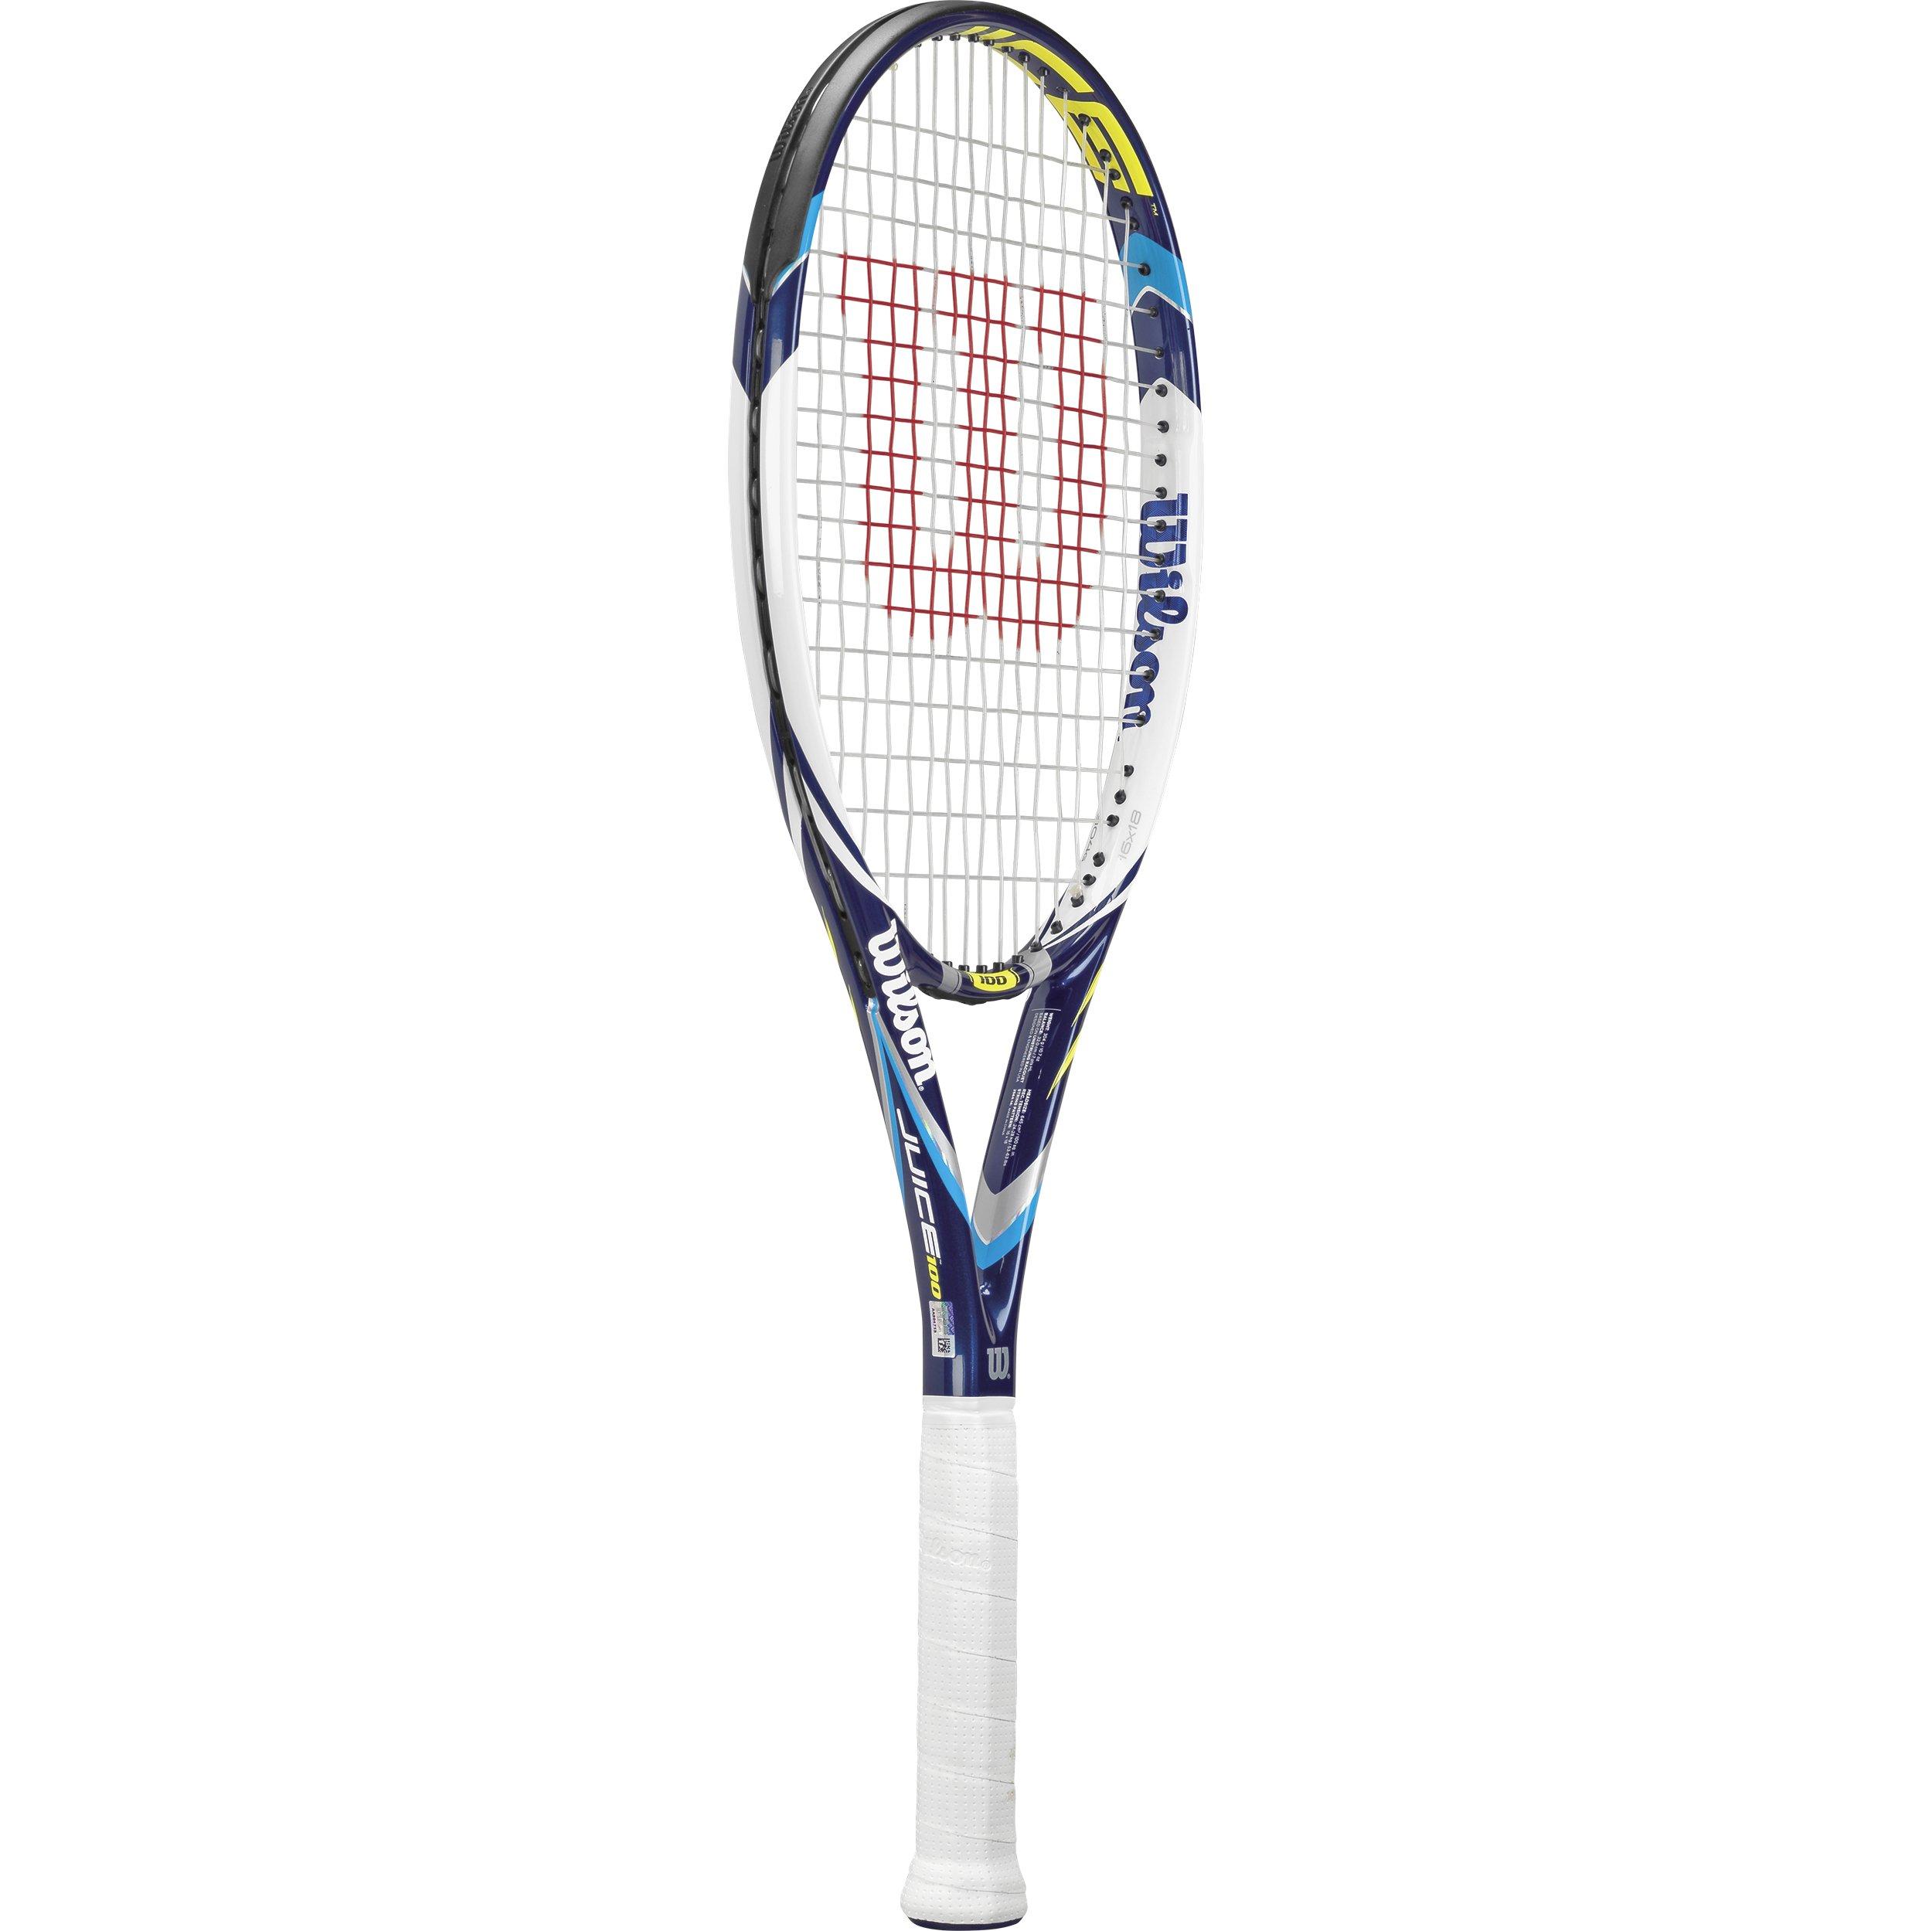 Wilson Juice 100 Tennis Racquet, 4.25